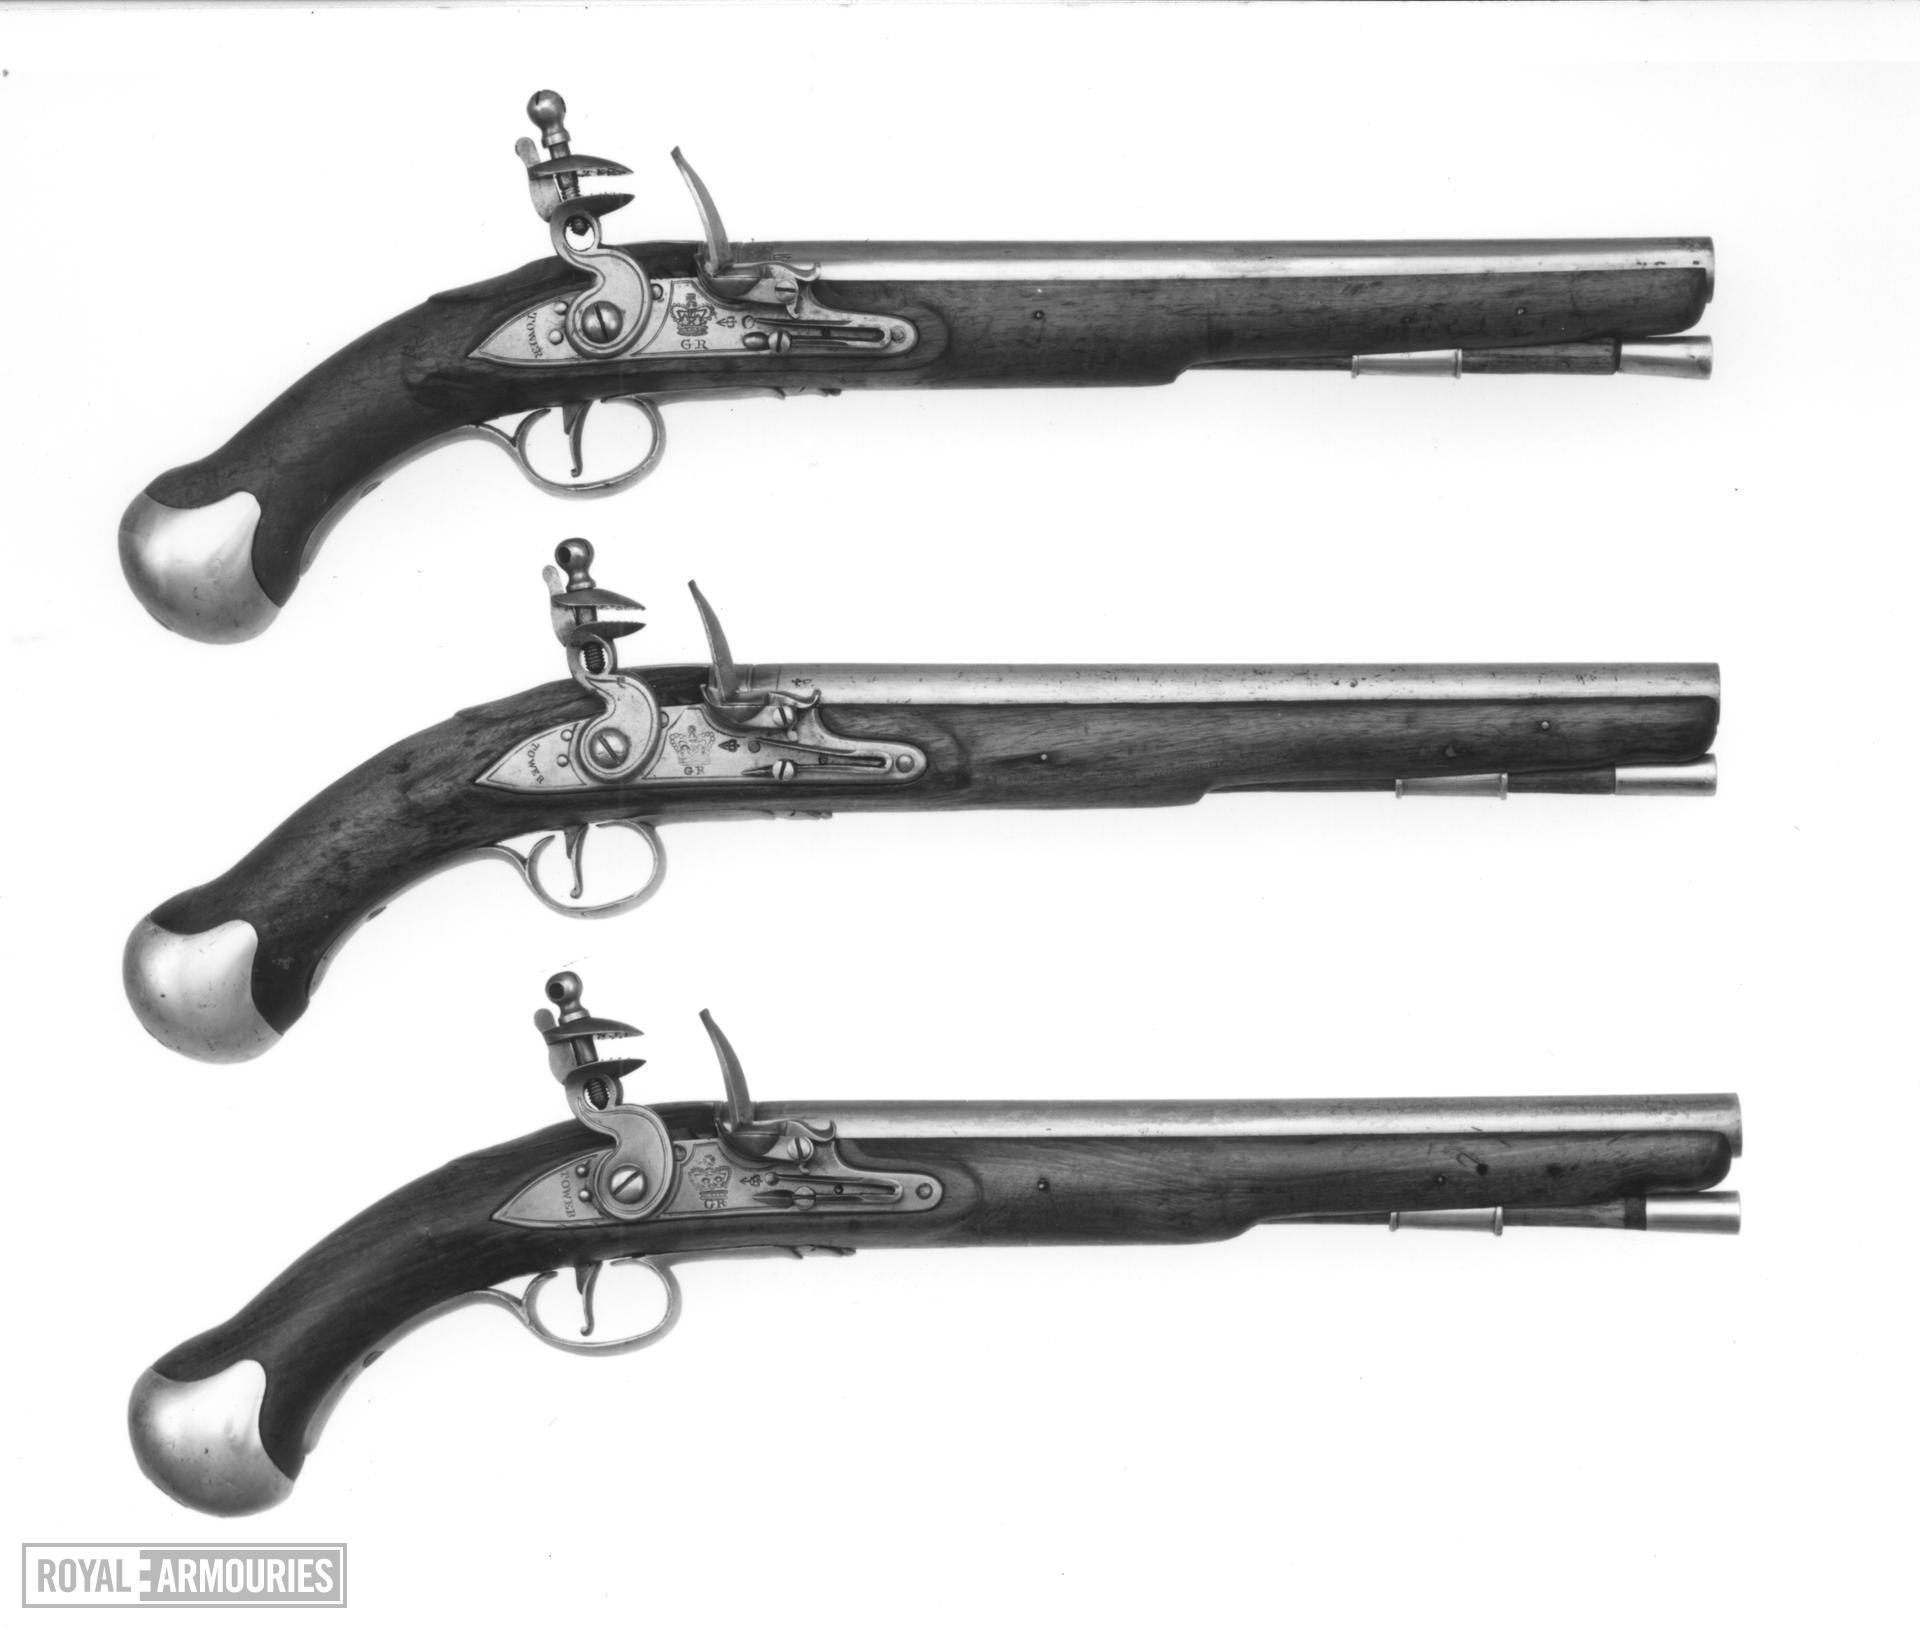 Flintlock pistol - Sea Service Pattern